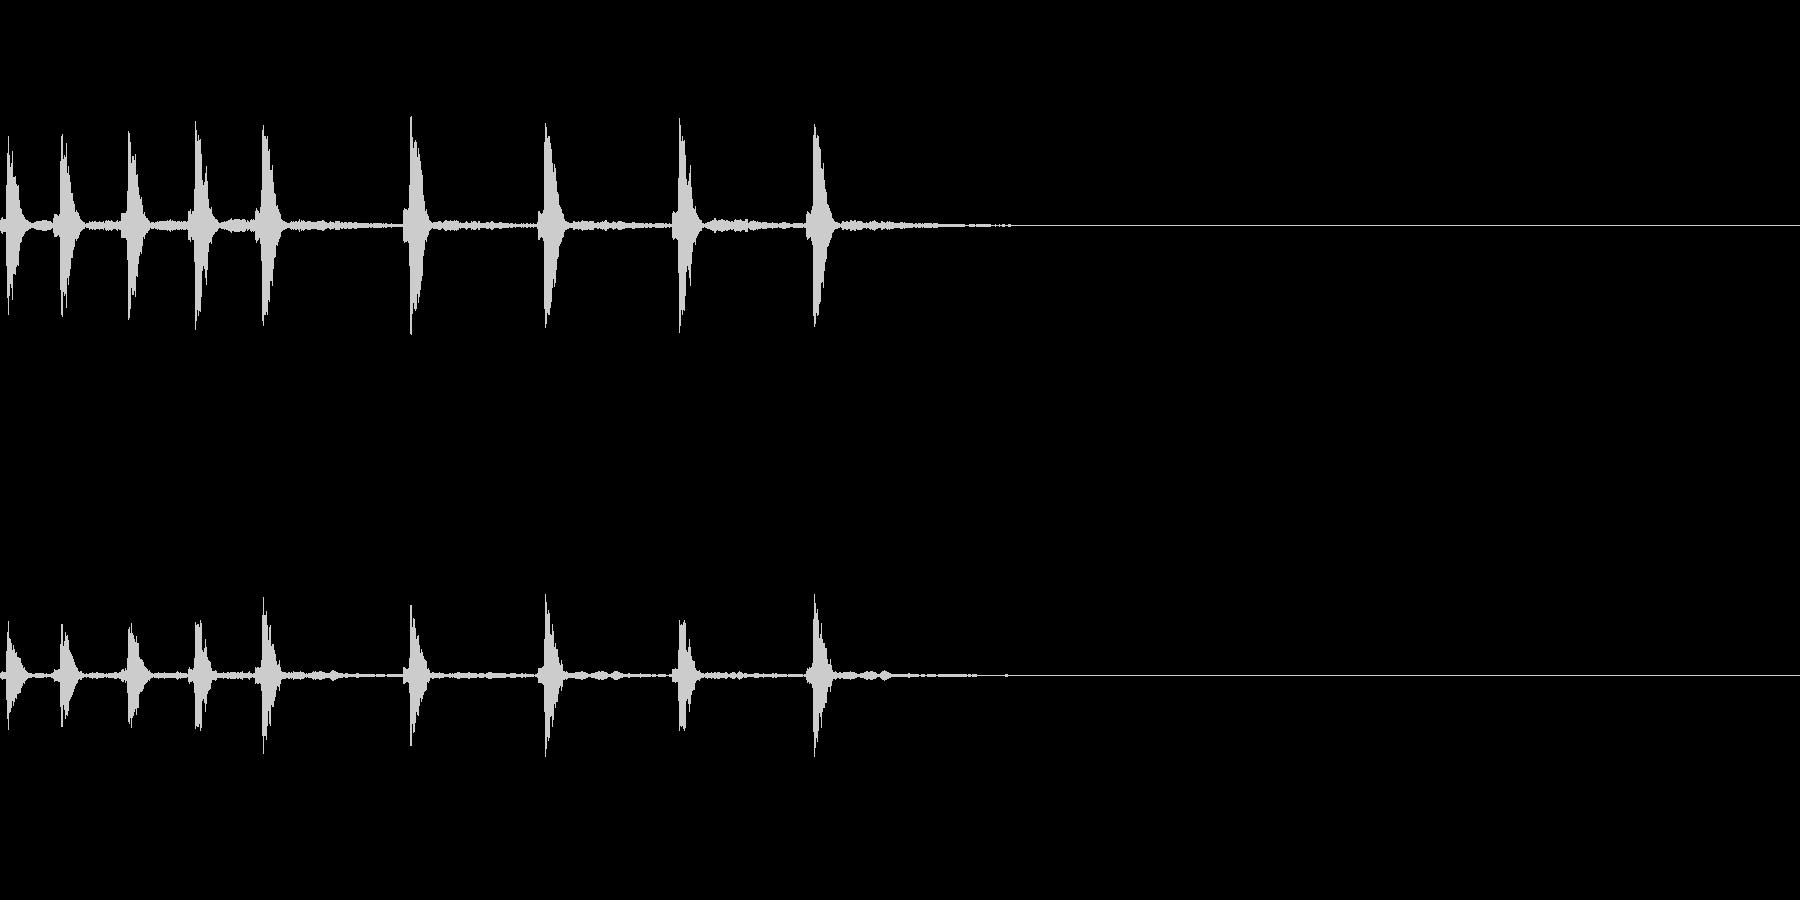 和風なサウンドロゴの未再生の波形